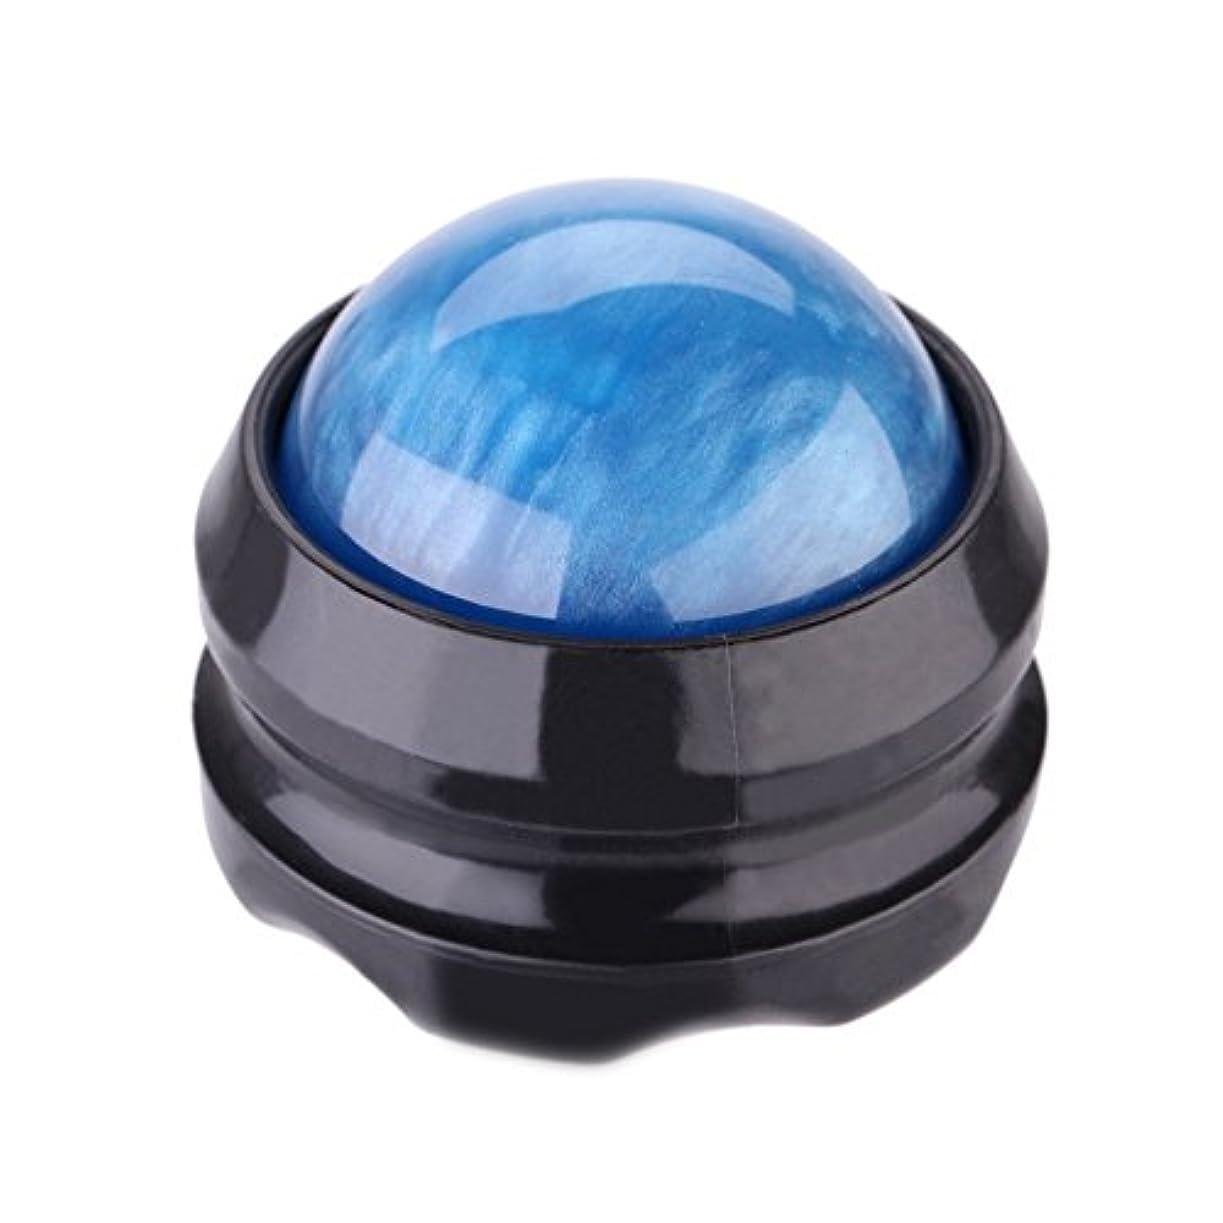 バリケード空いている全体にgundoop マッサージ ボール 360度回転 背中 首 腰 筋膜リリース 健康器具 (青)